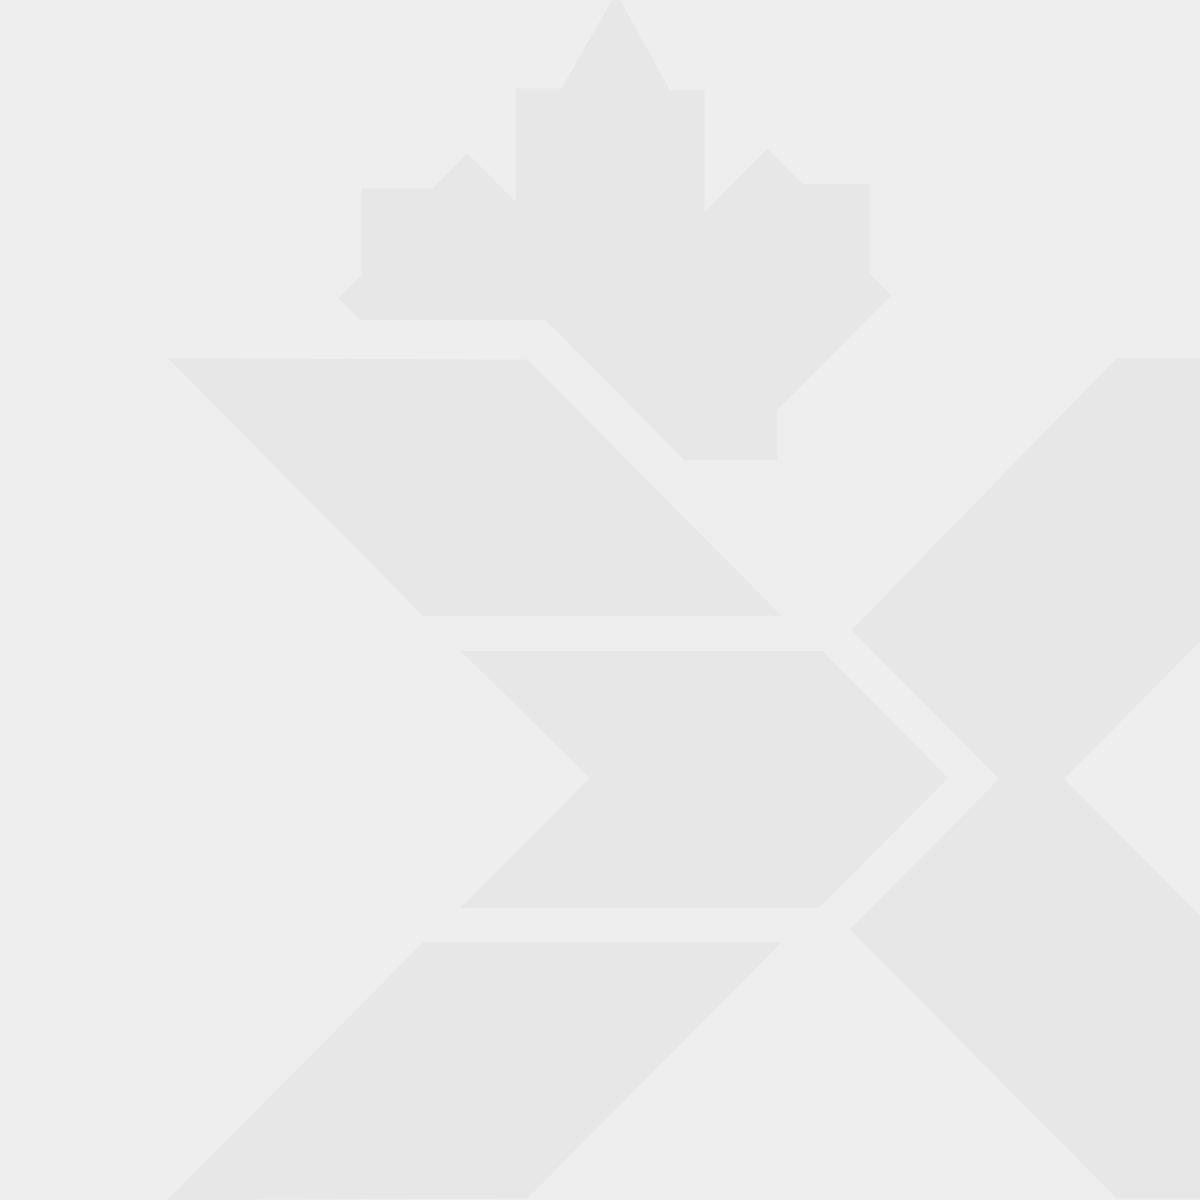 The Royal Canadian Legion Poppy Silk Scarf